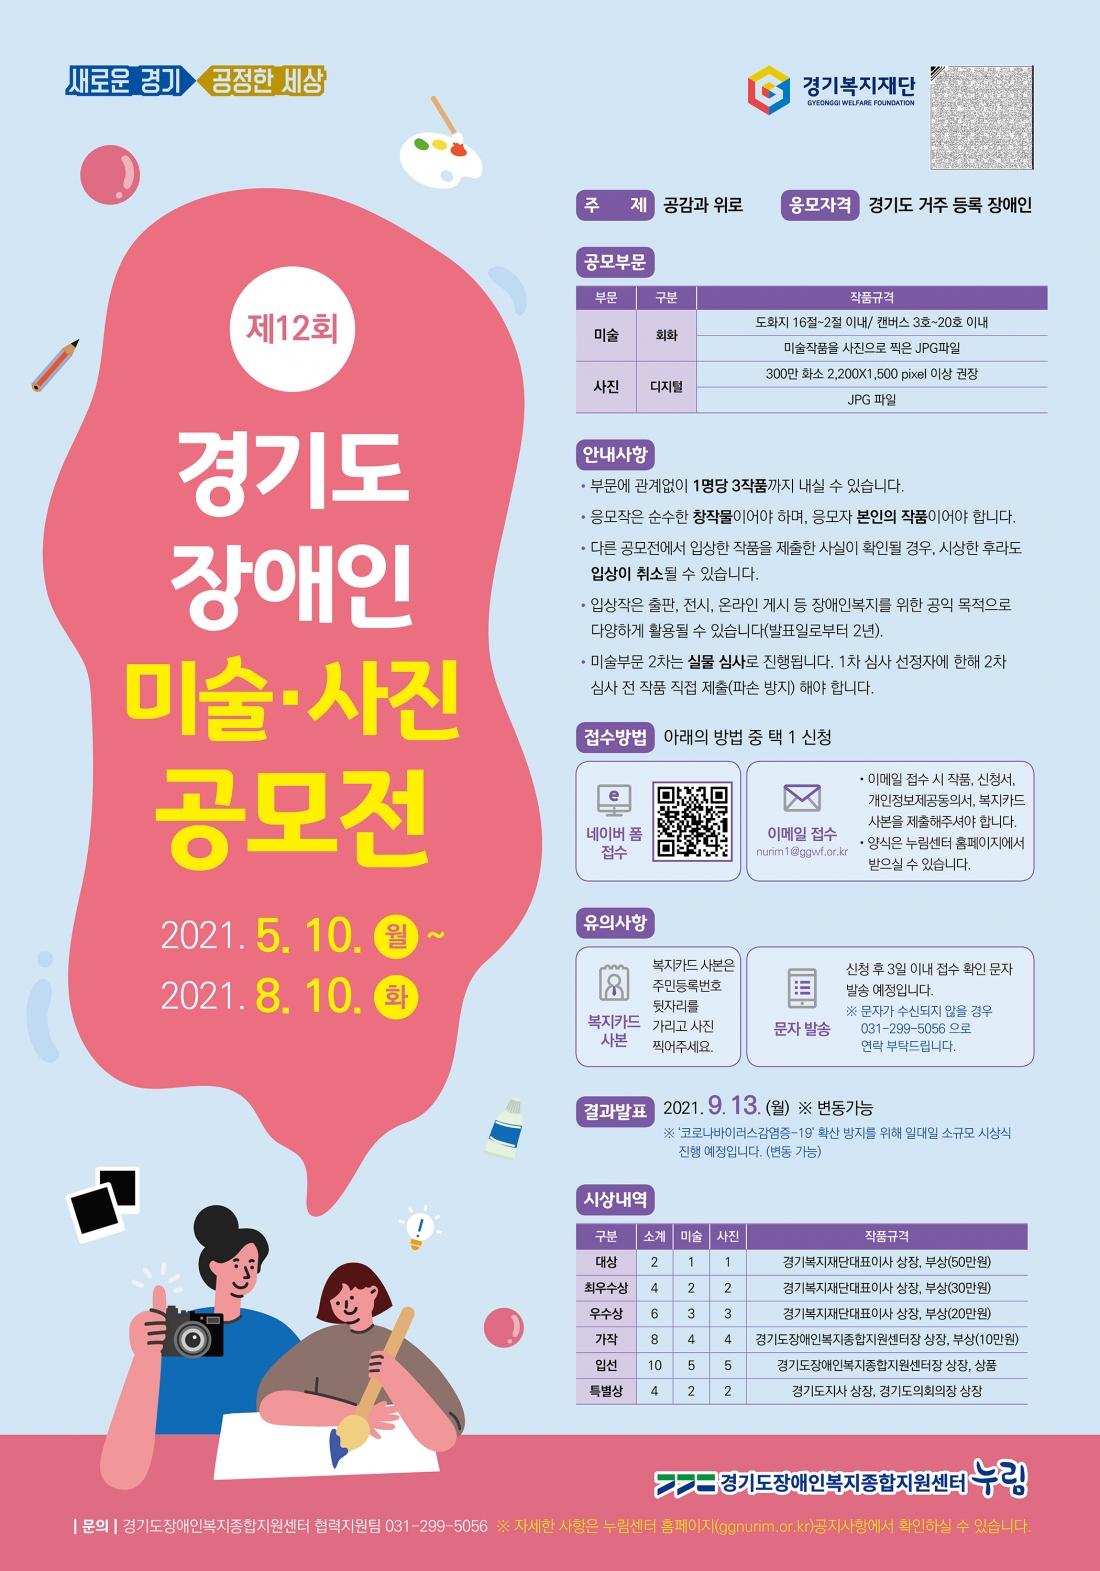 제12회 경기도 장애인 미술ㆍ사진 공모전 개최 안내포스터